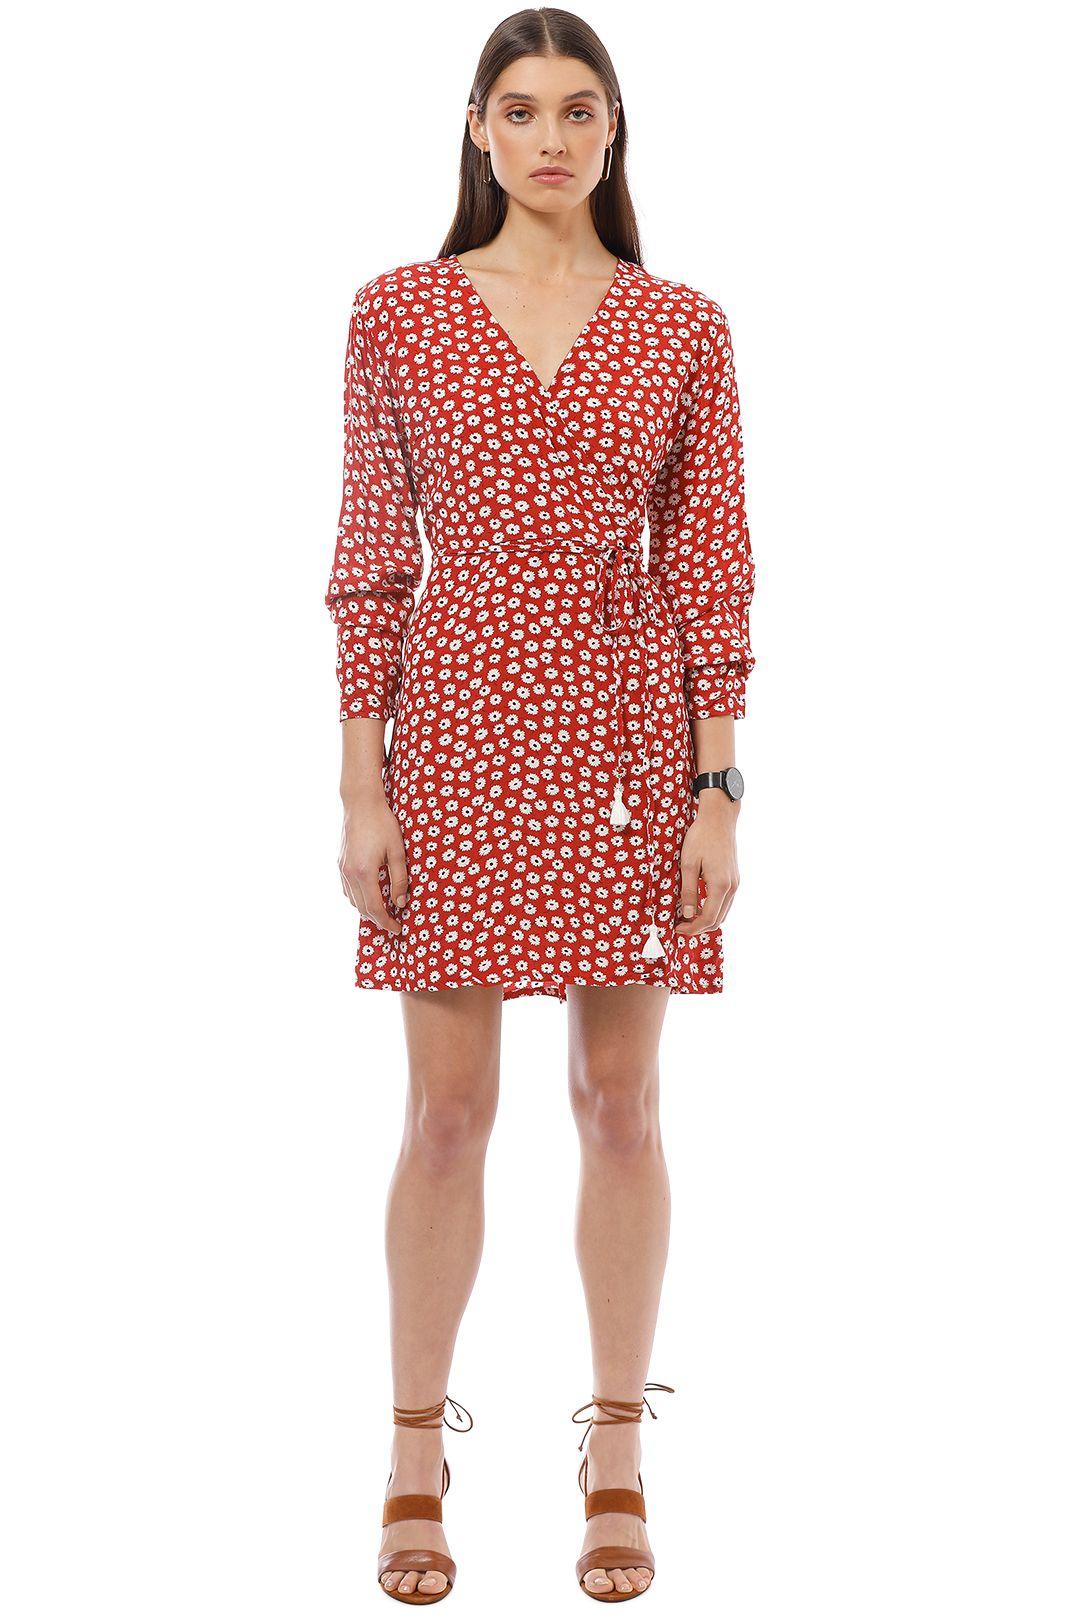 Faithfull the Brand - Poppy Dress - Red - Front